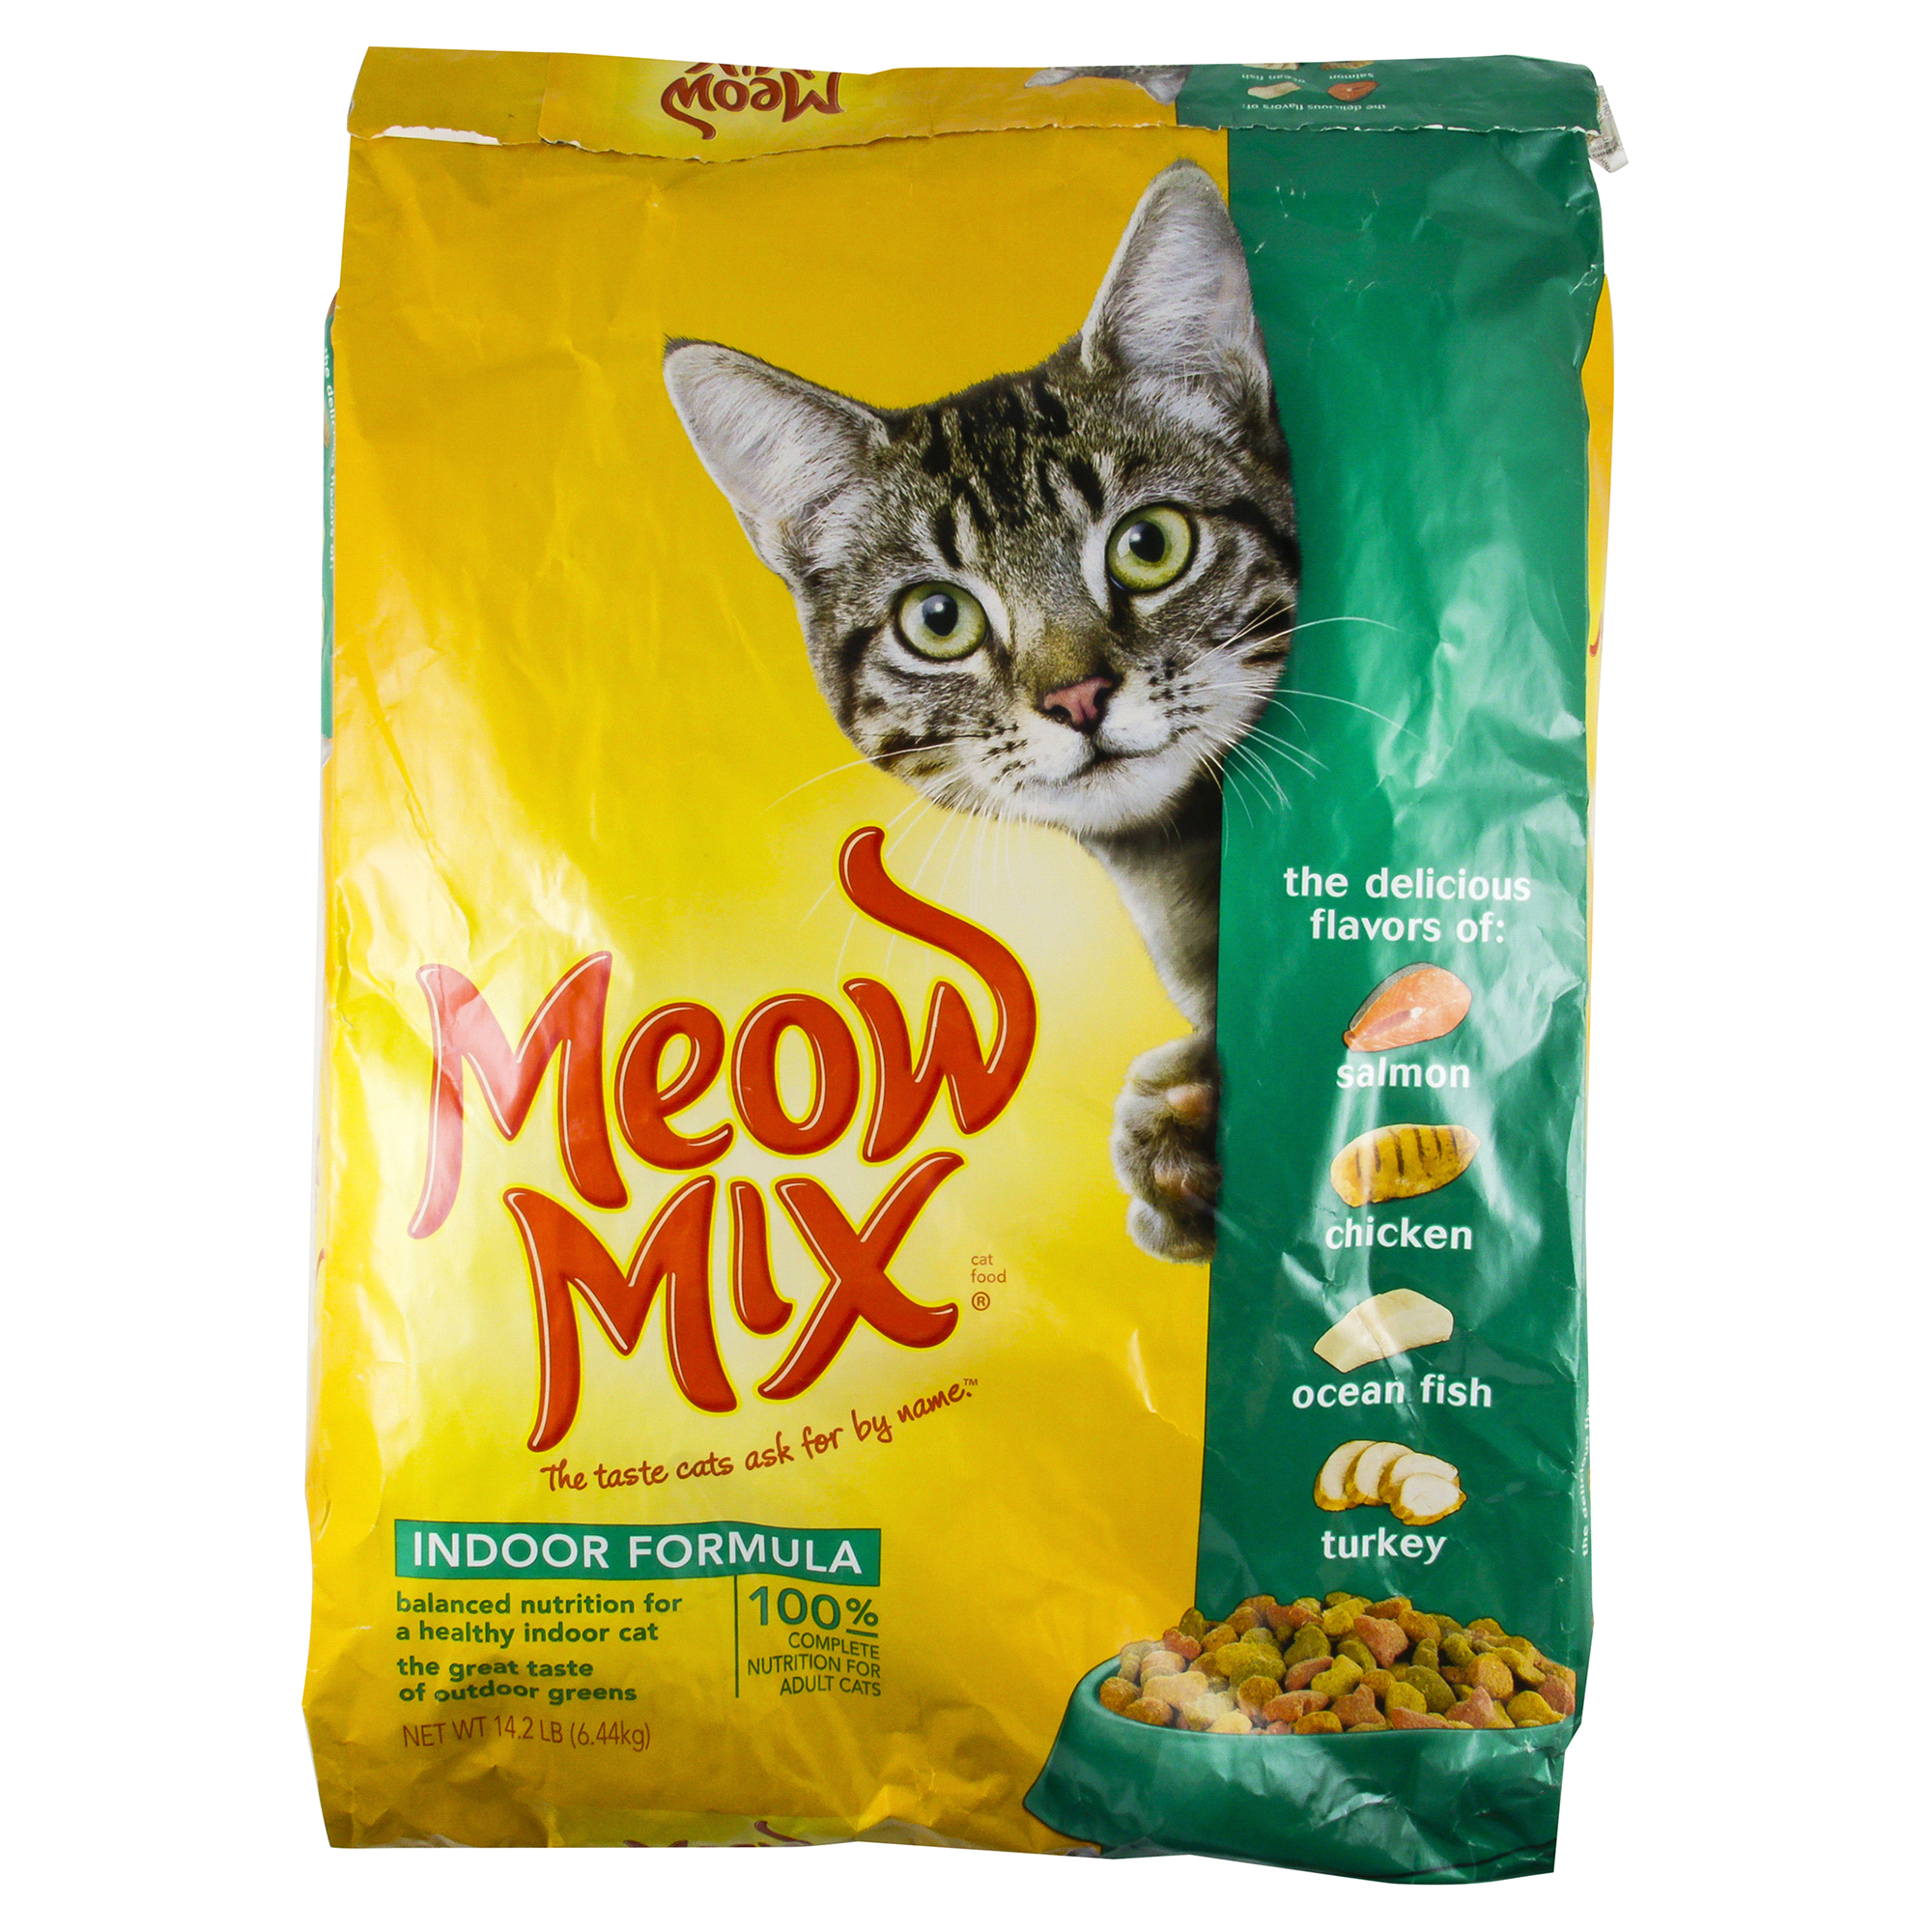 Meow Mix Dry Cat Food Indoor Formula 14 2 lb